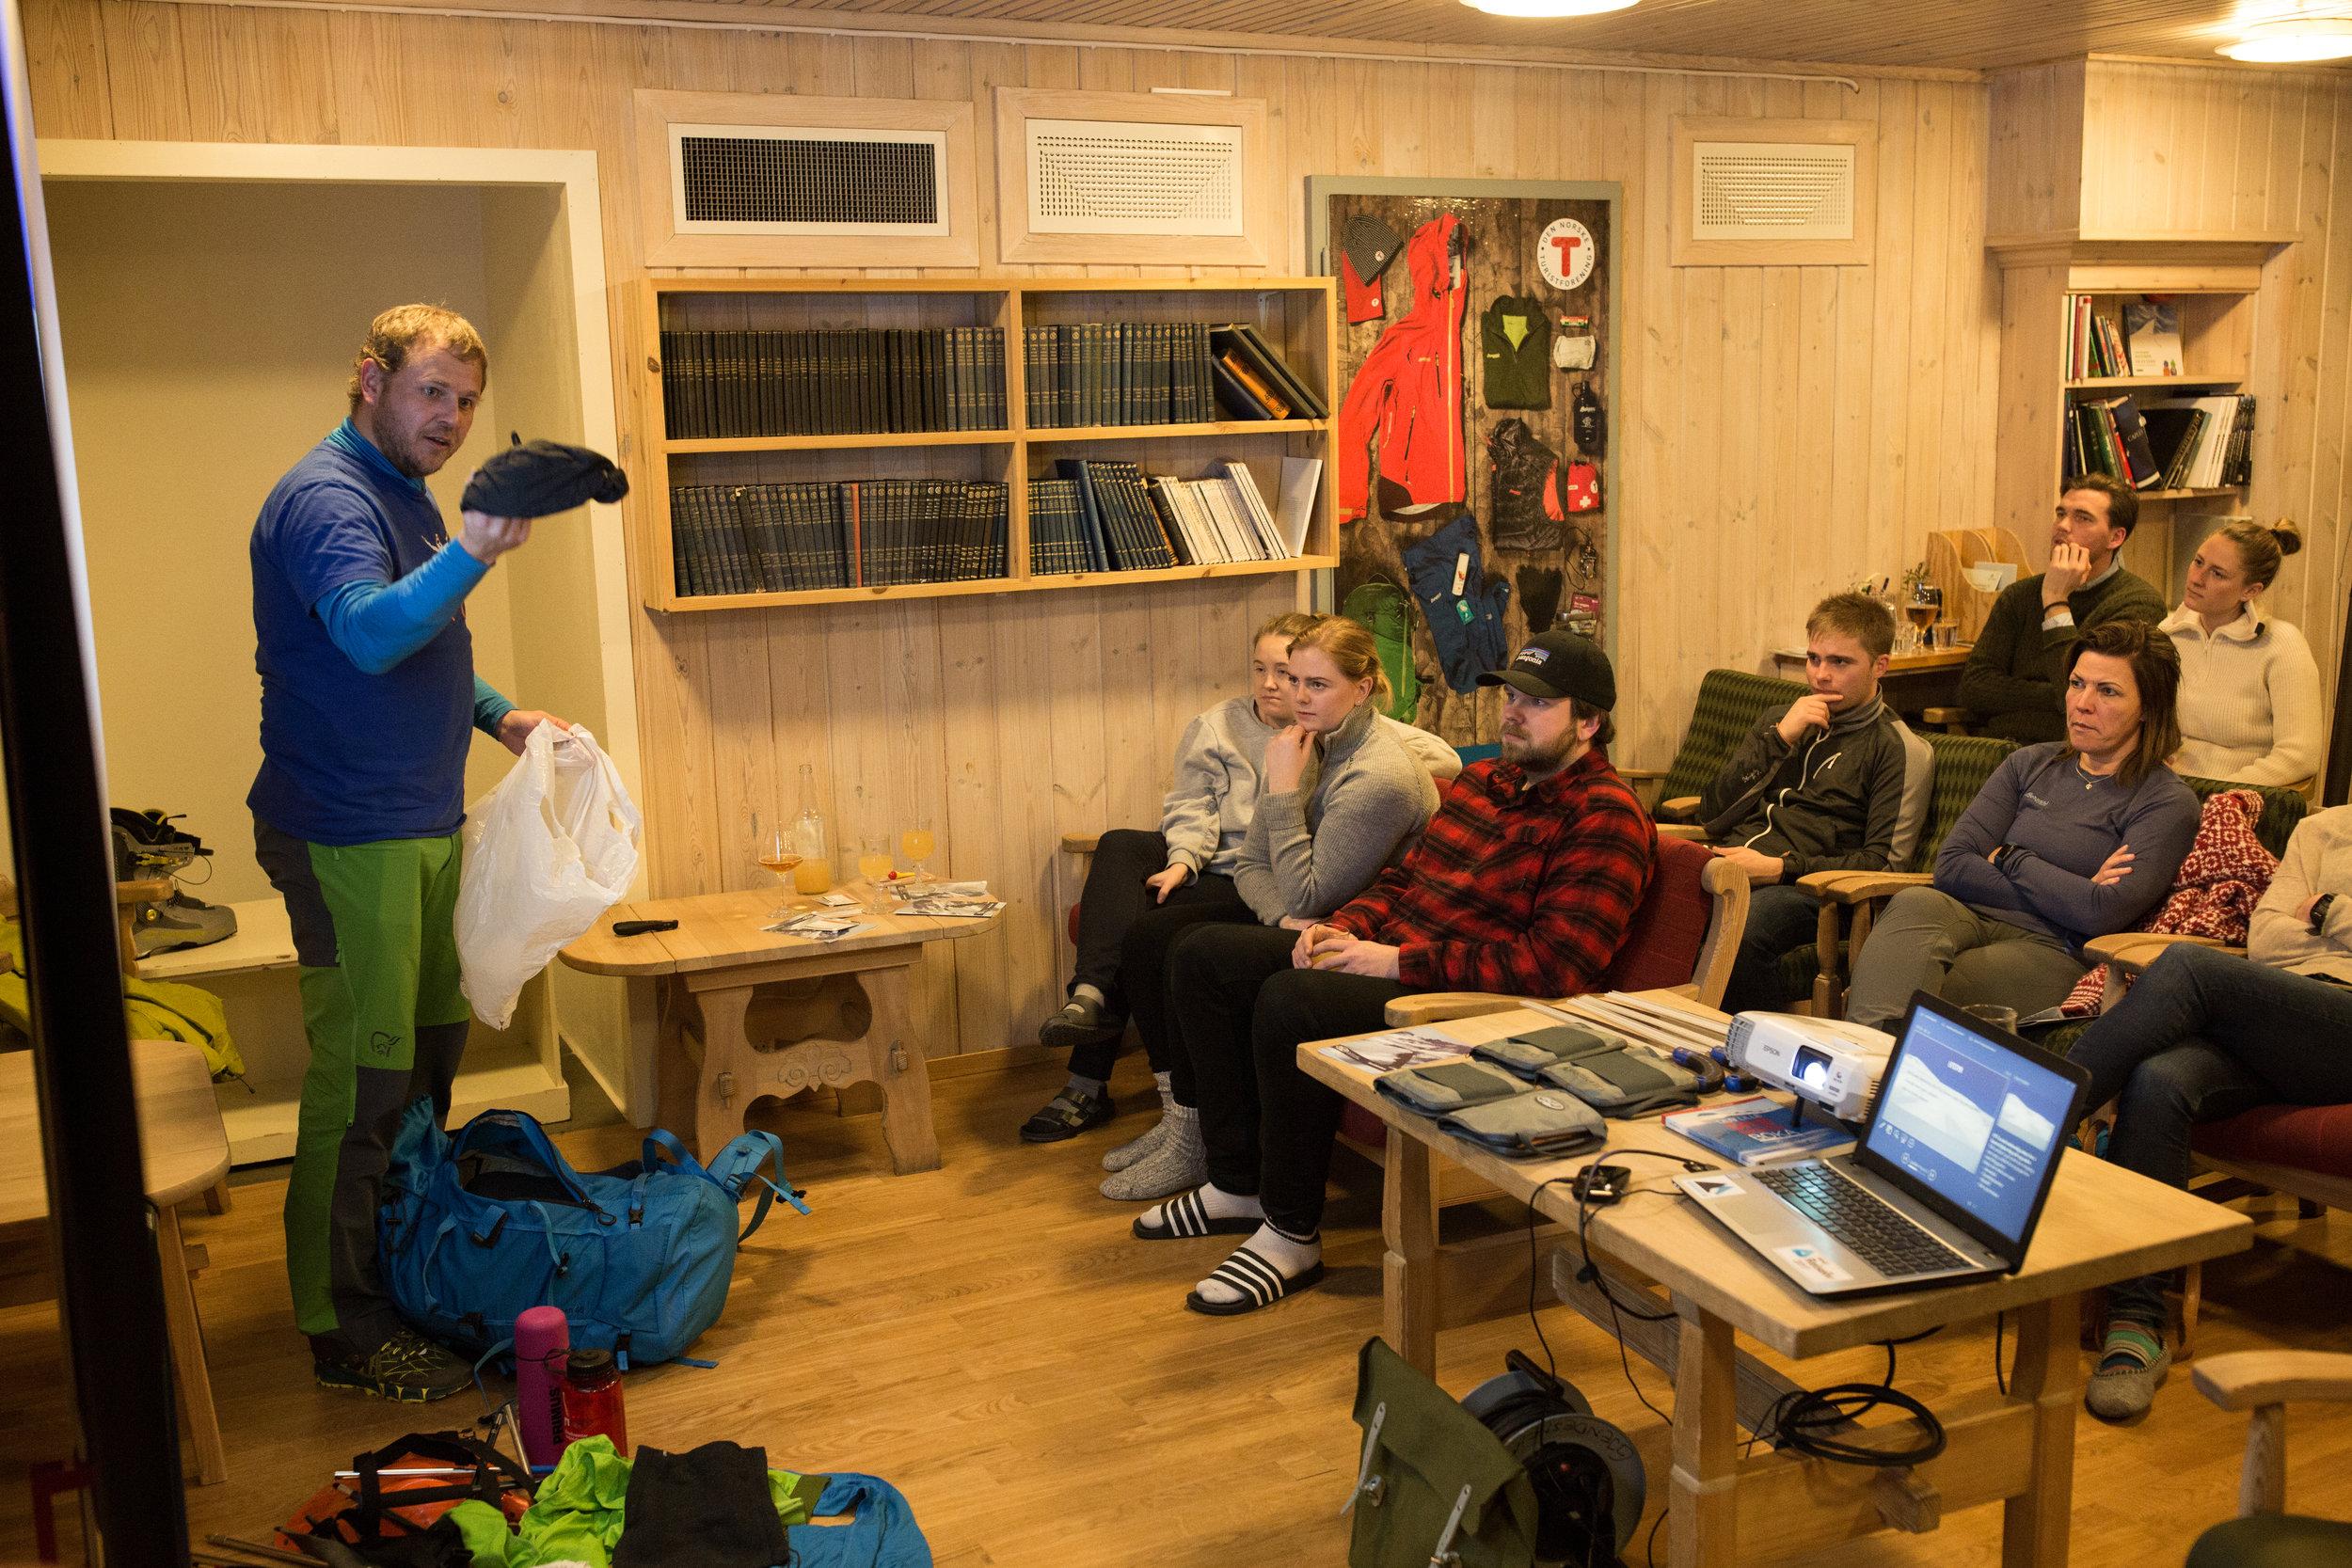 Gjennomgang av utstyr fyrste kvelden. Å bli kjent med eget utstyr er viktig for å kunne mestre vinterfjellet.